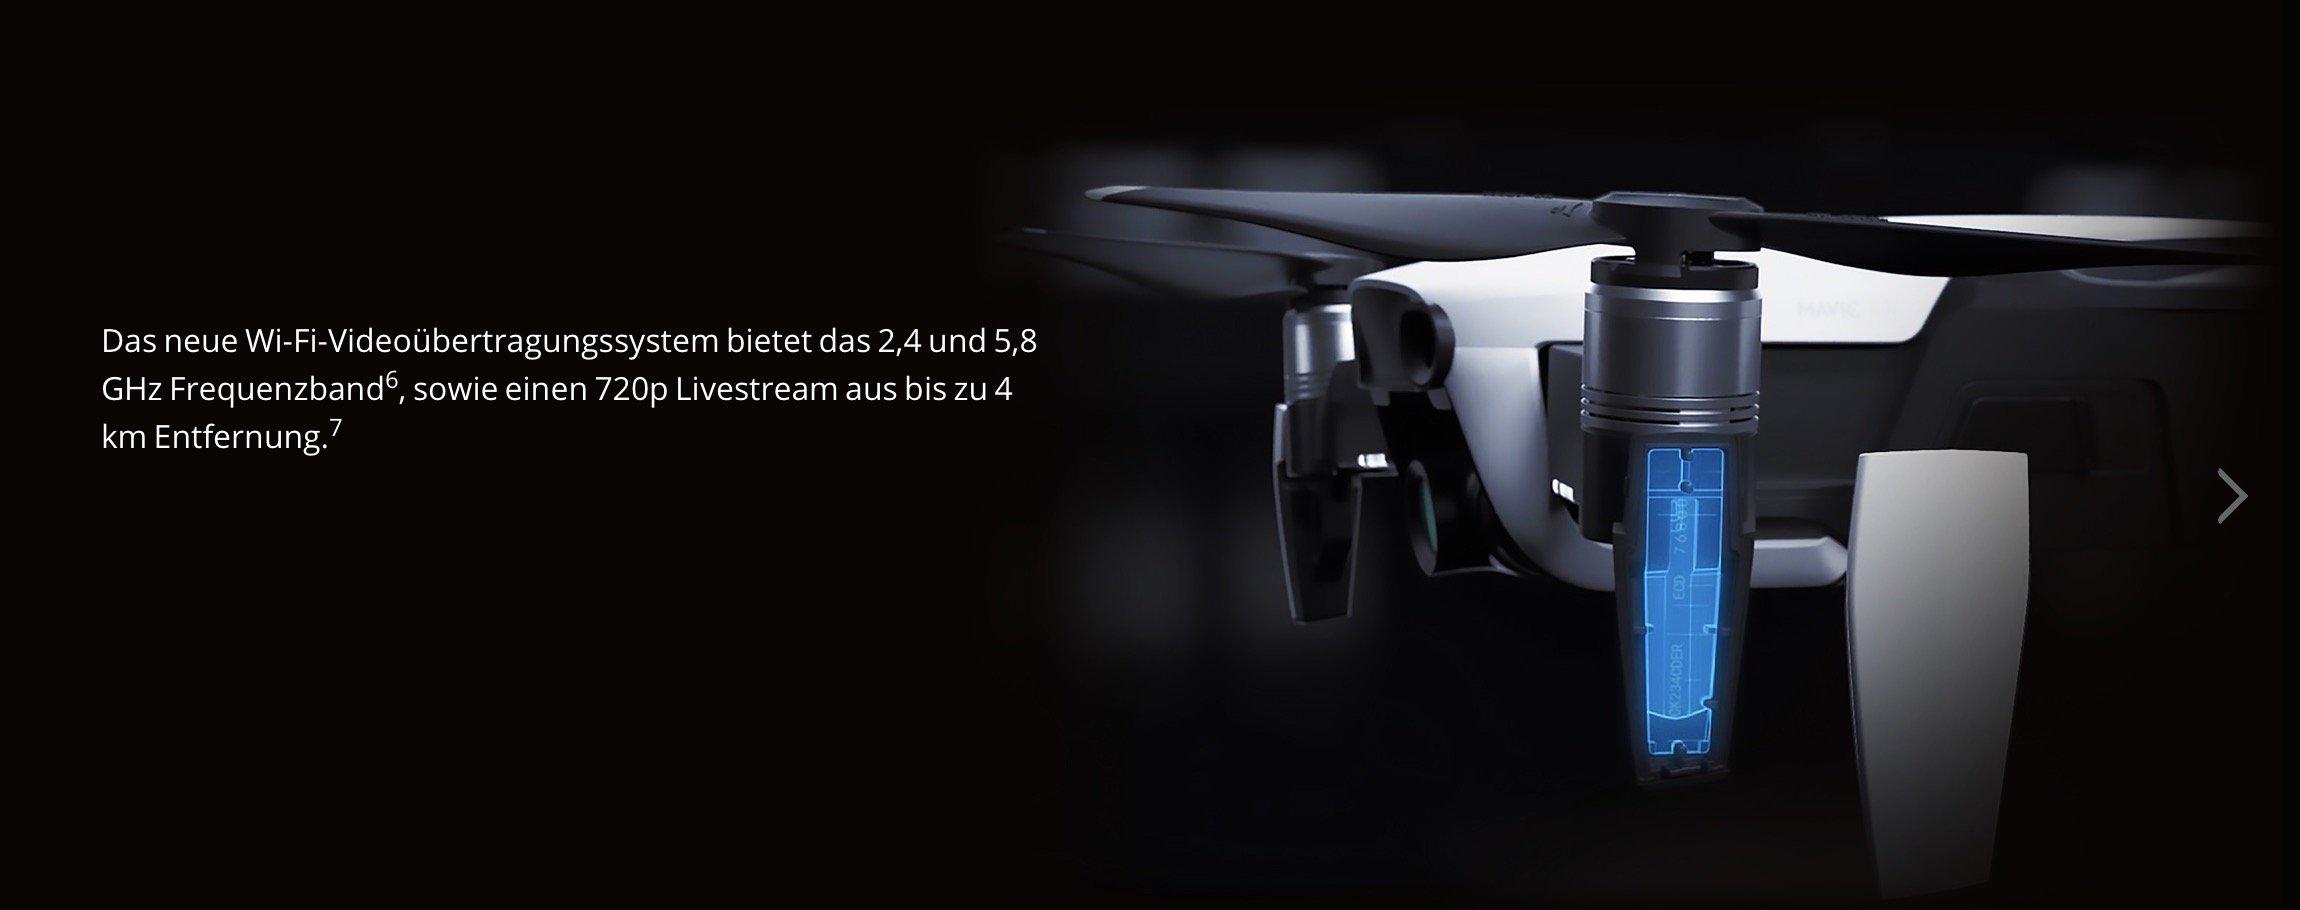 Beste DJI Beginner Drohne - Spark oder Mavic Air - featured